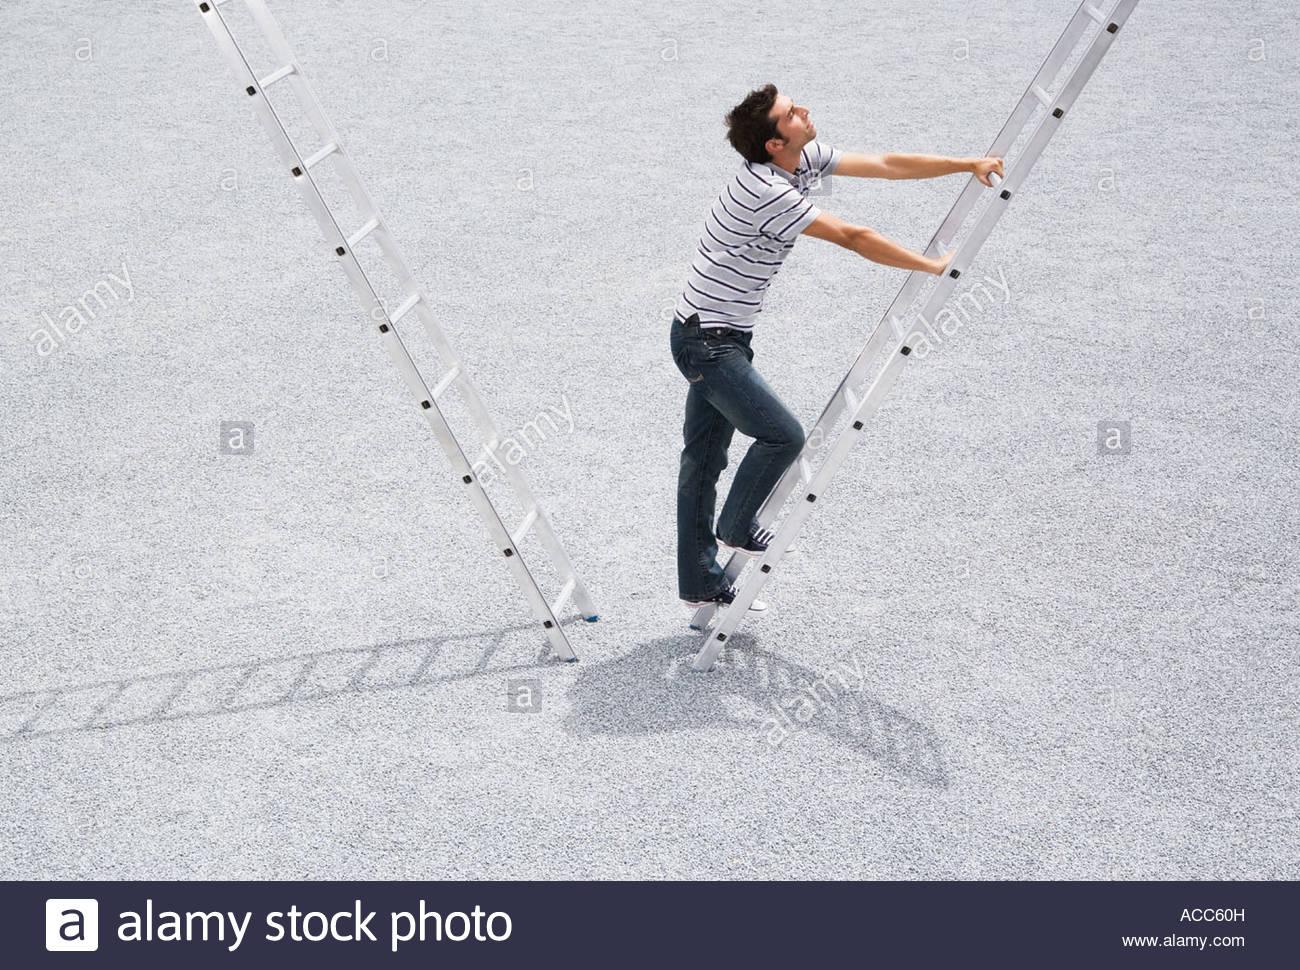 Uomo scaletta di arrampicata in esterno Immagini Stock